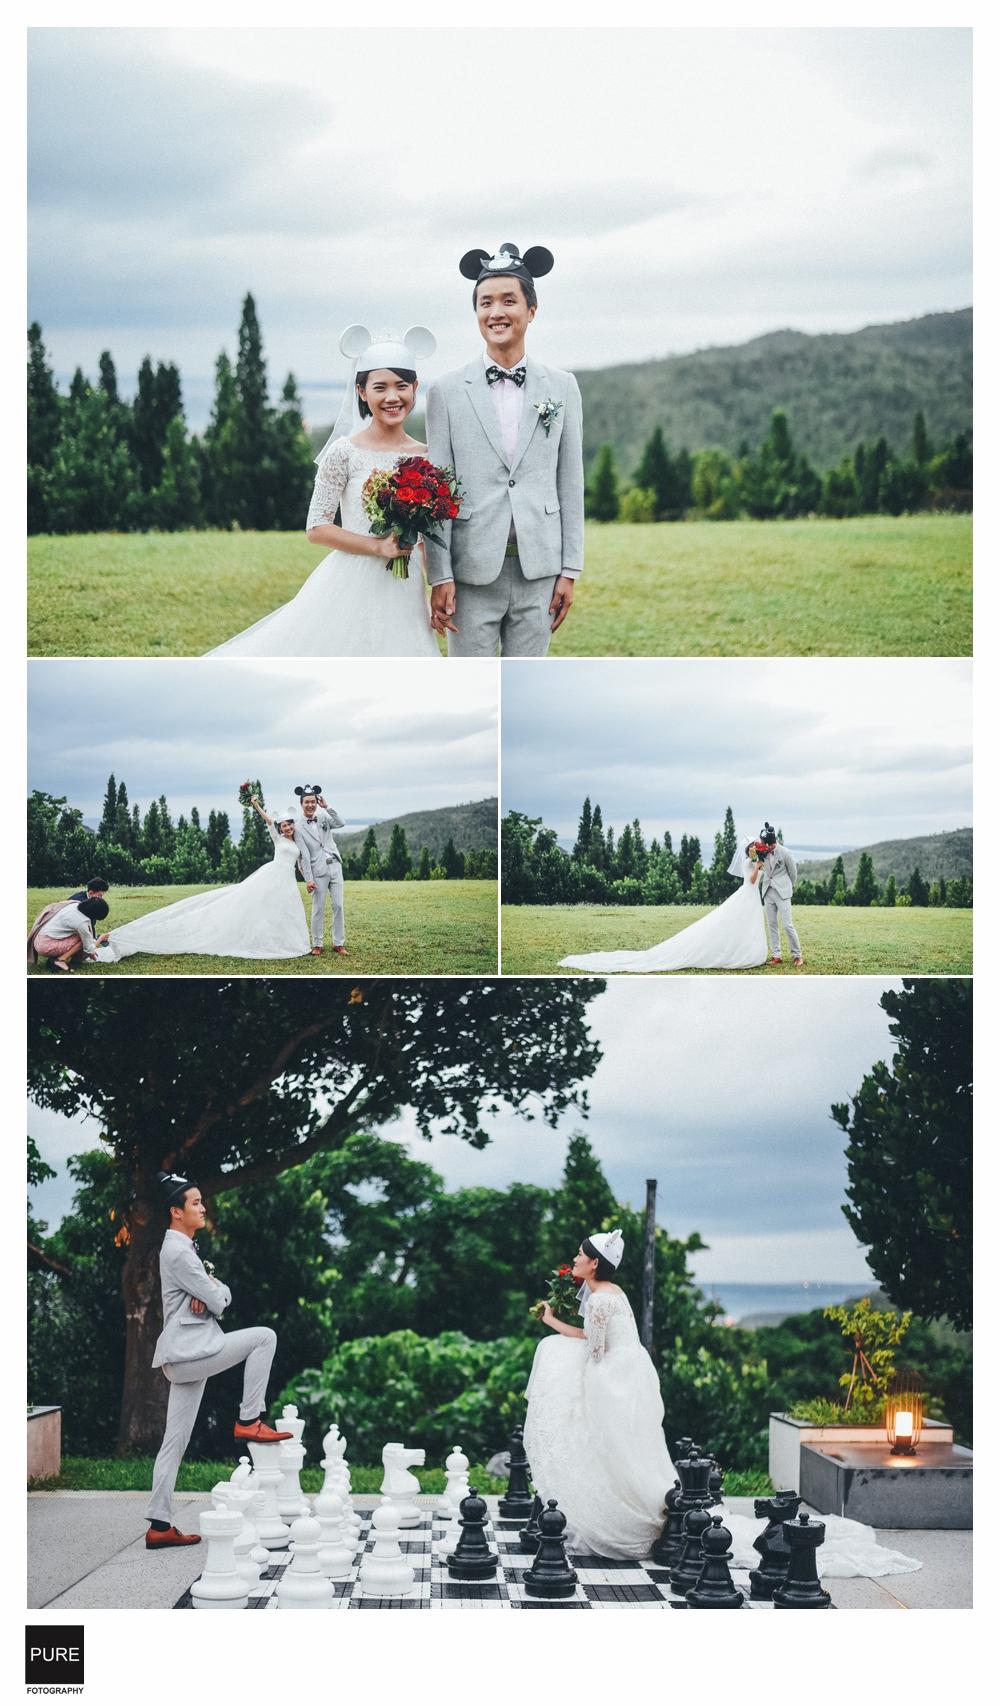 PUREFOTO_台灣婚禮平面攝影wedding_墾丁華泰瑞苑類婚紗拍攝